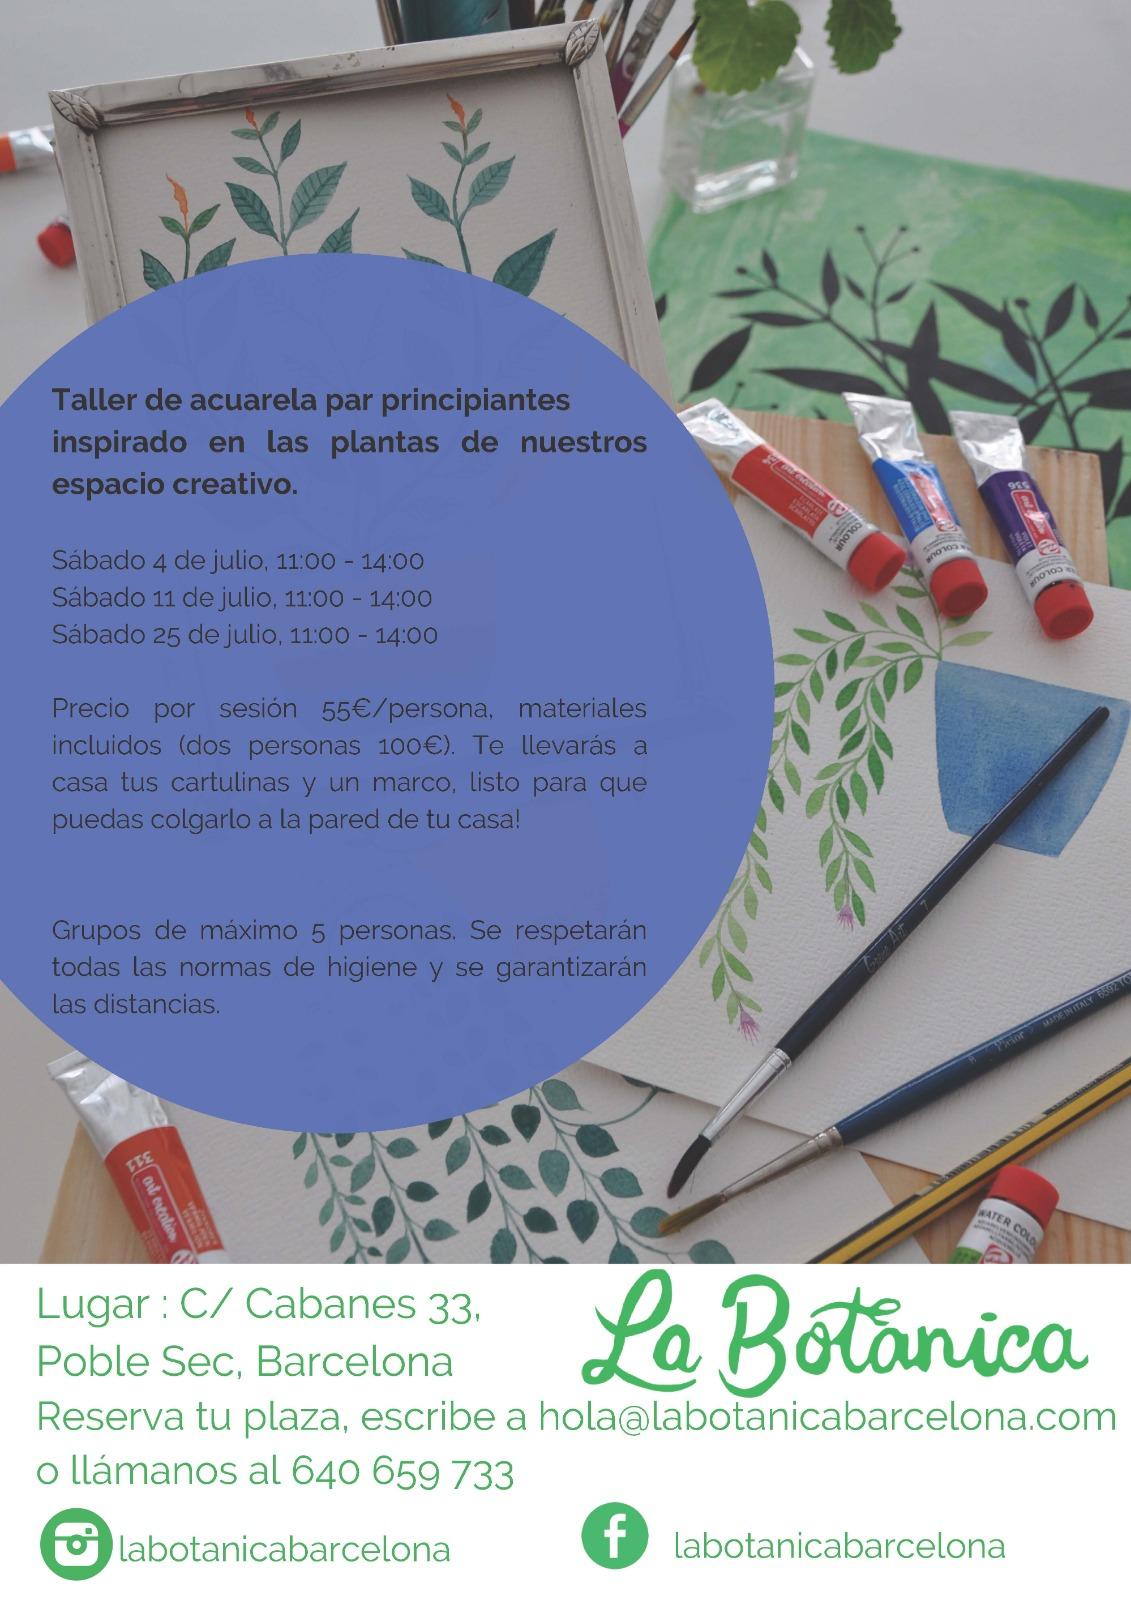 Taller de Acuarela Botánica en Barcelona